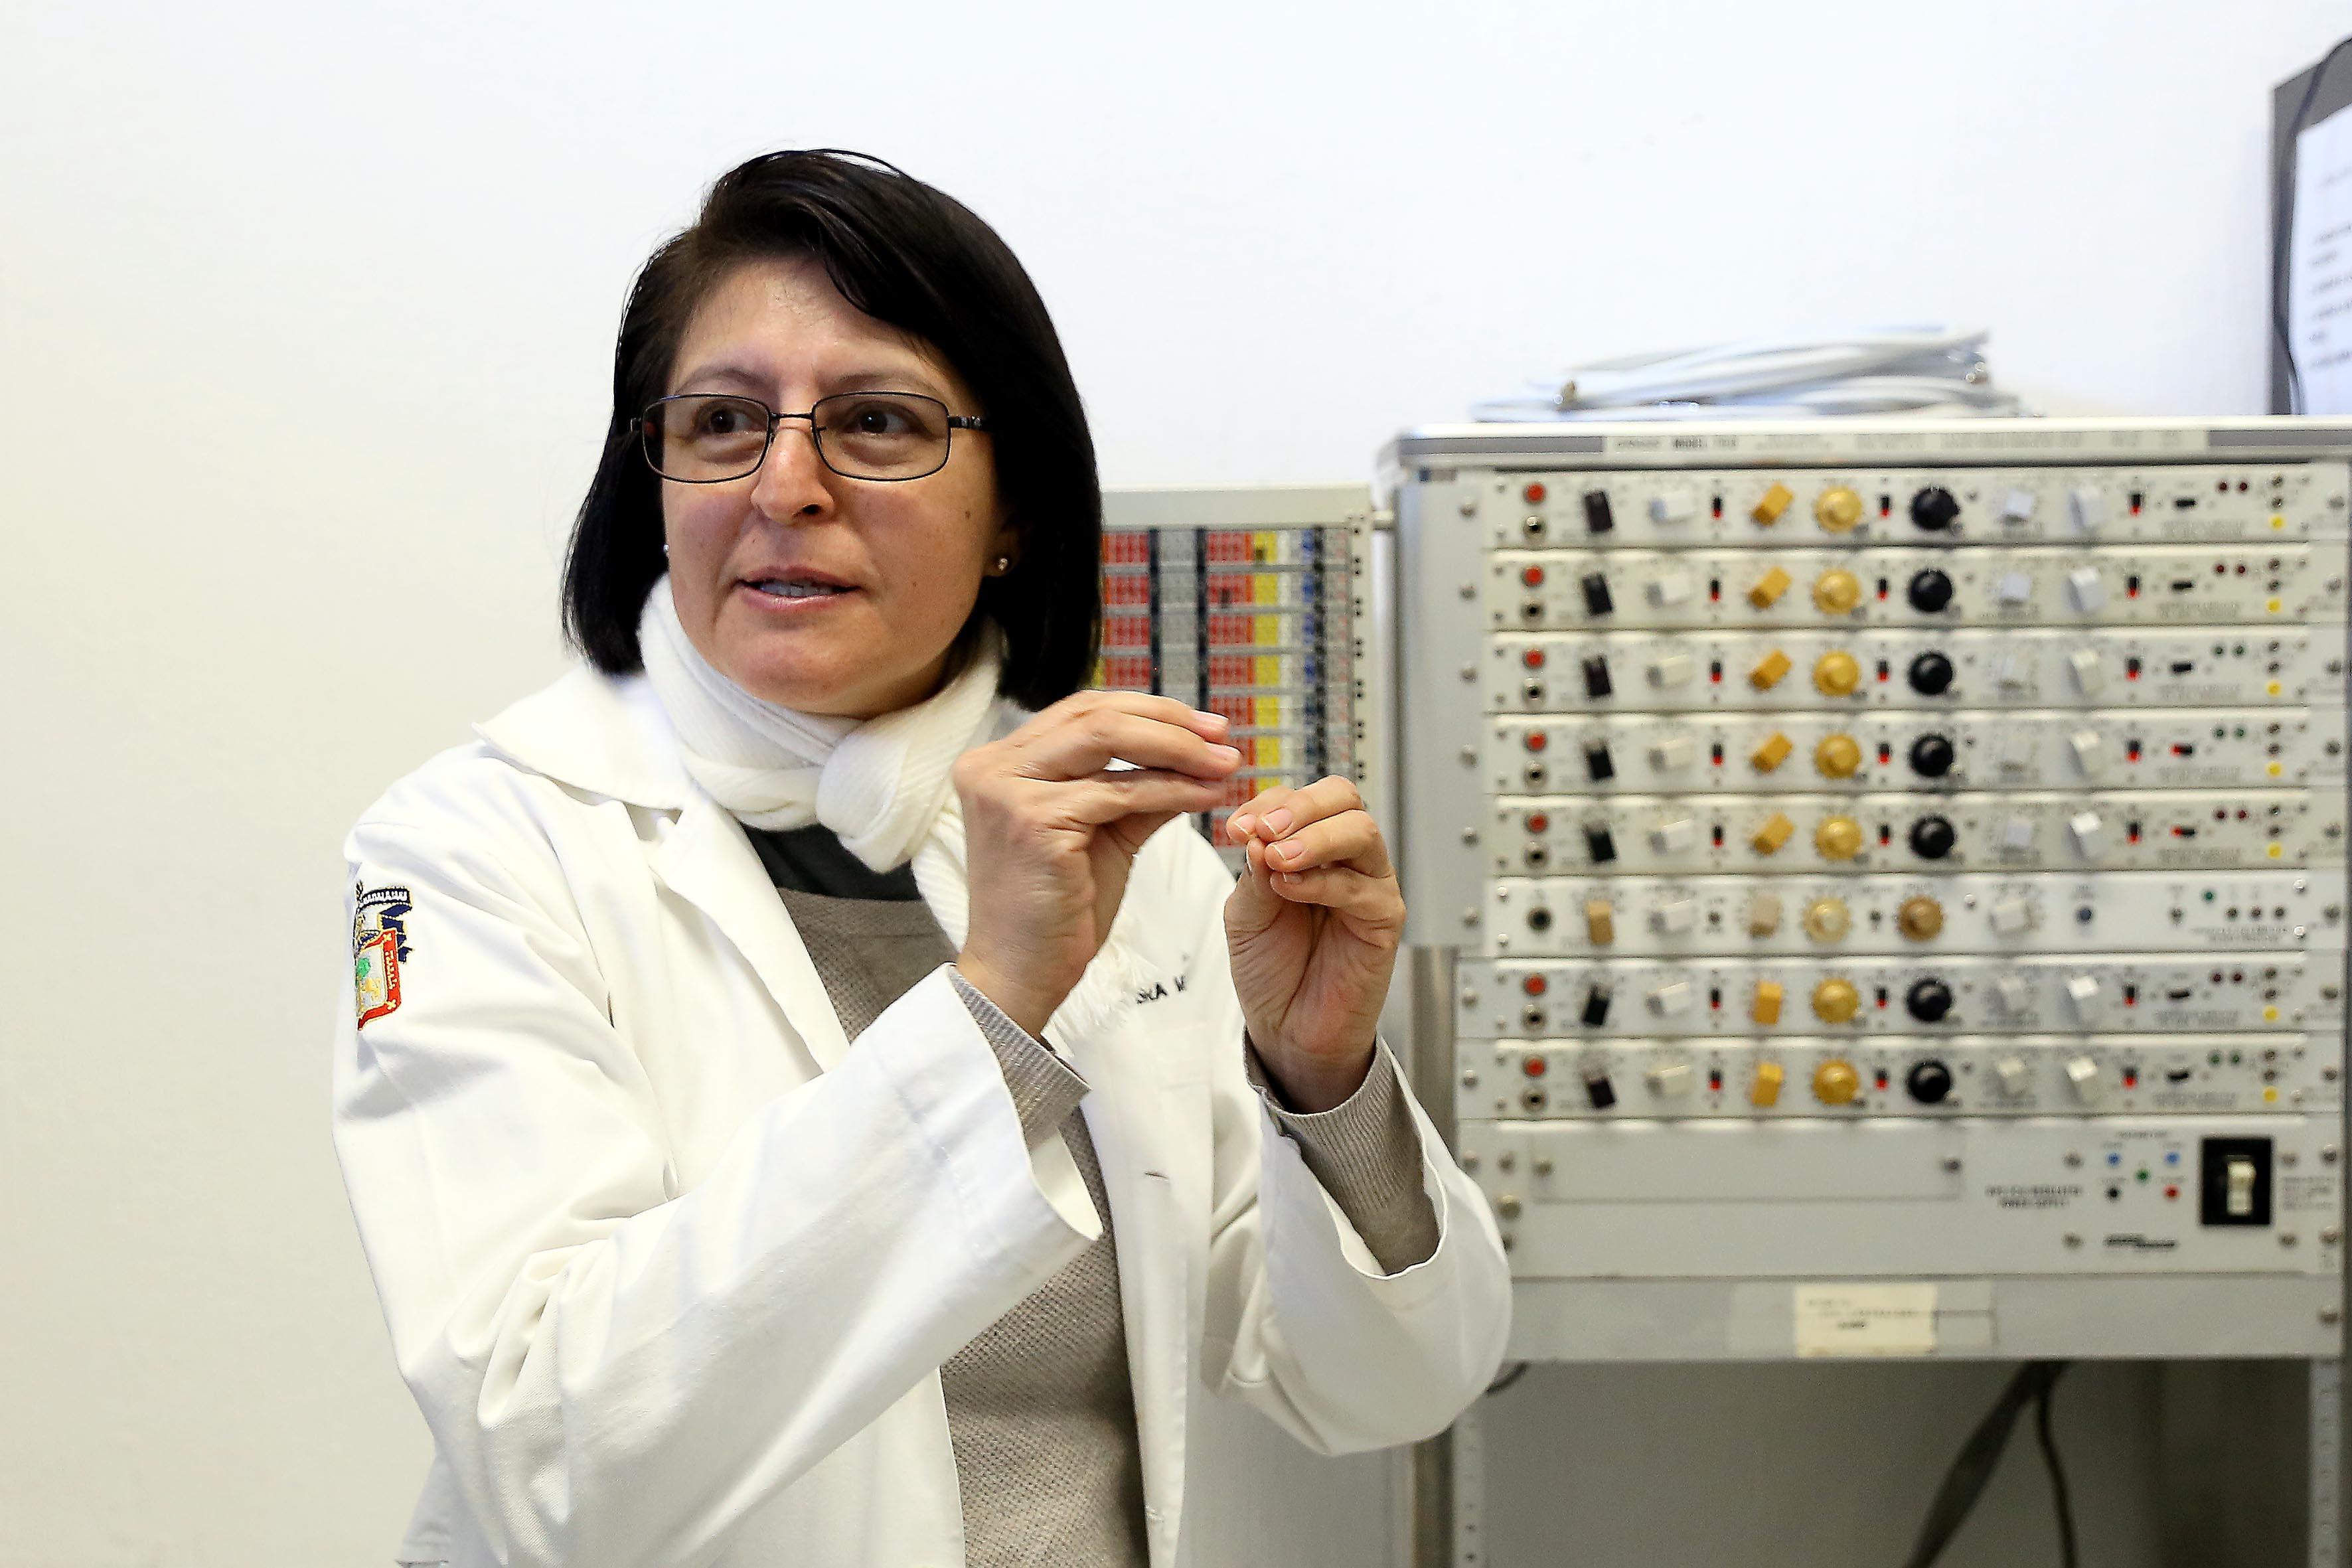 Doctora Laura Guadalupe Medina Ceja, académica adscrita al Laboratorio de Neurofisiología del CUCBA, explicando sus investigaciones en entrevista.